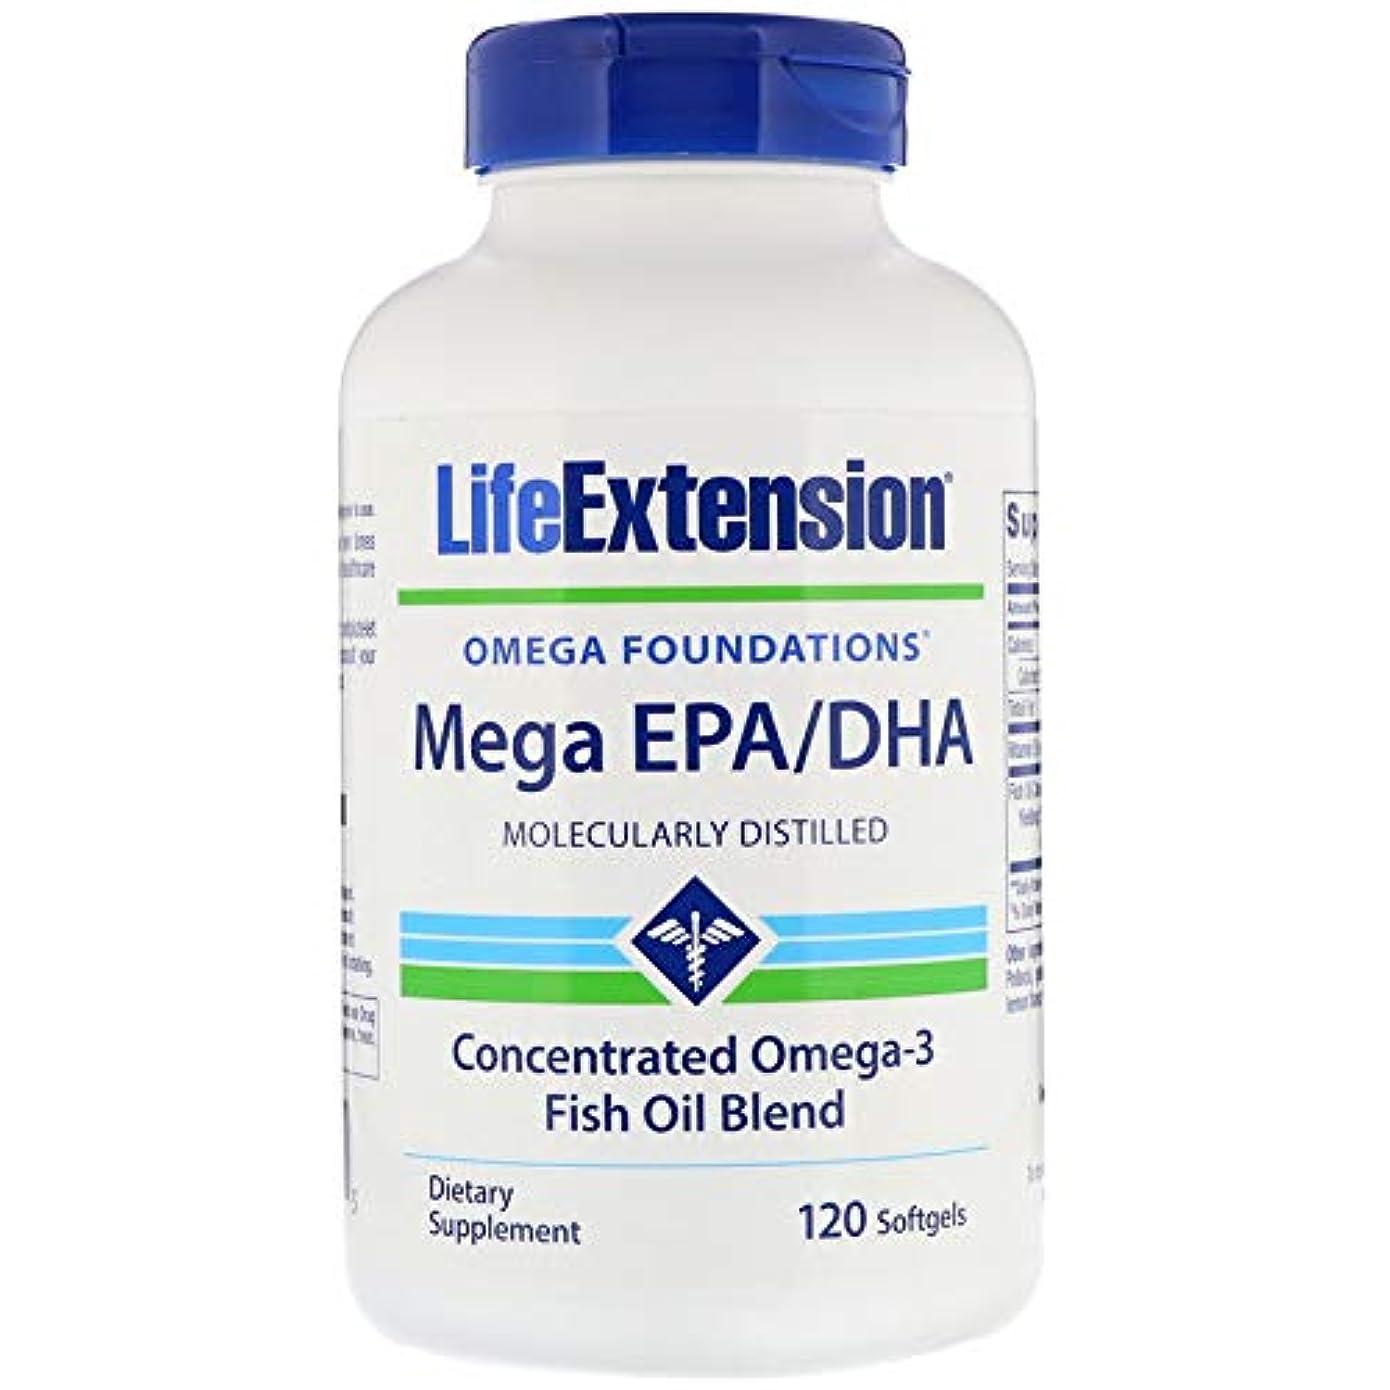 メガ EPA/DHA600 mg含有/粒 120粒ソフトジェルカプセル 海外直送品